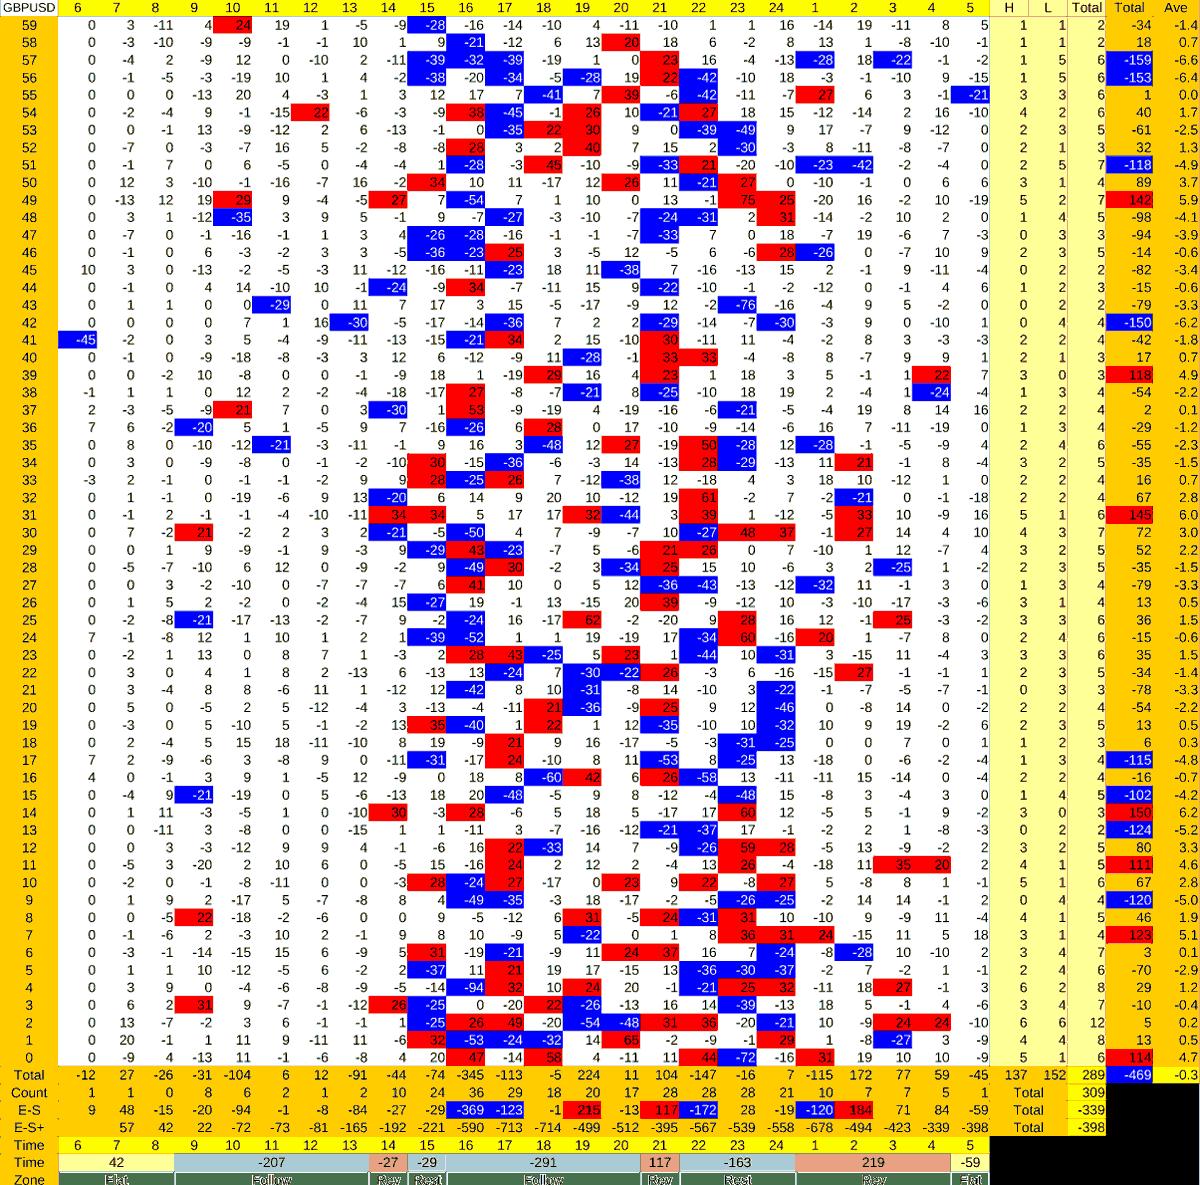 20211006_HS(2)GBPUSD-min